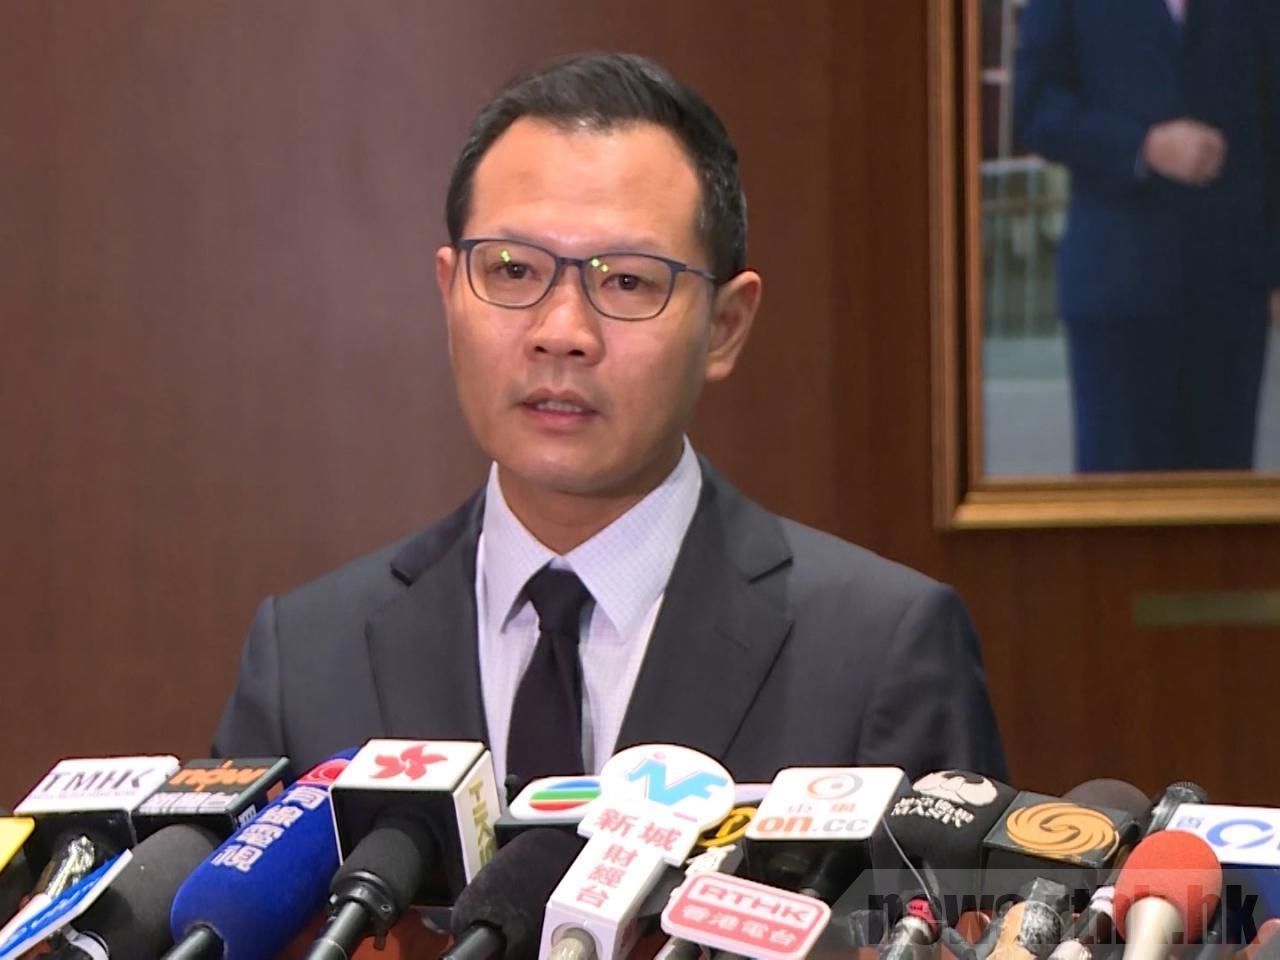 郭榮鏗認為,一旦取消區議會選舉,會成為國際關注香港的原因。圖:取自香港電台網站